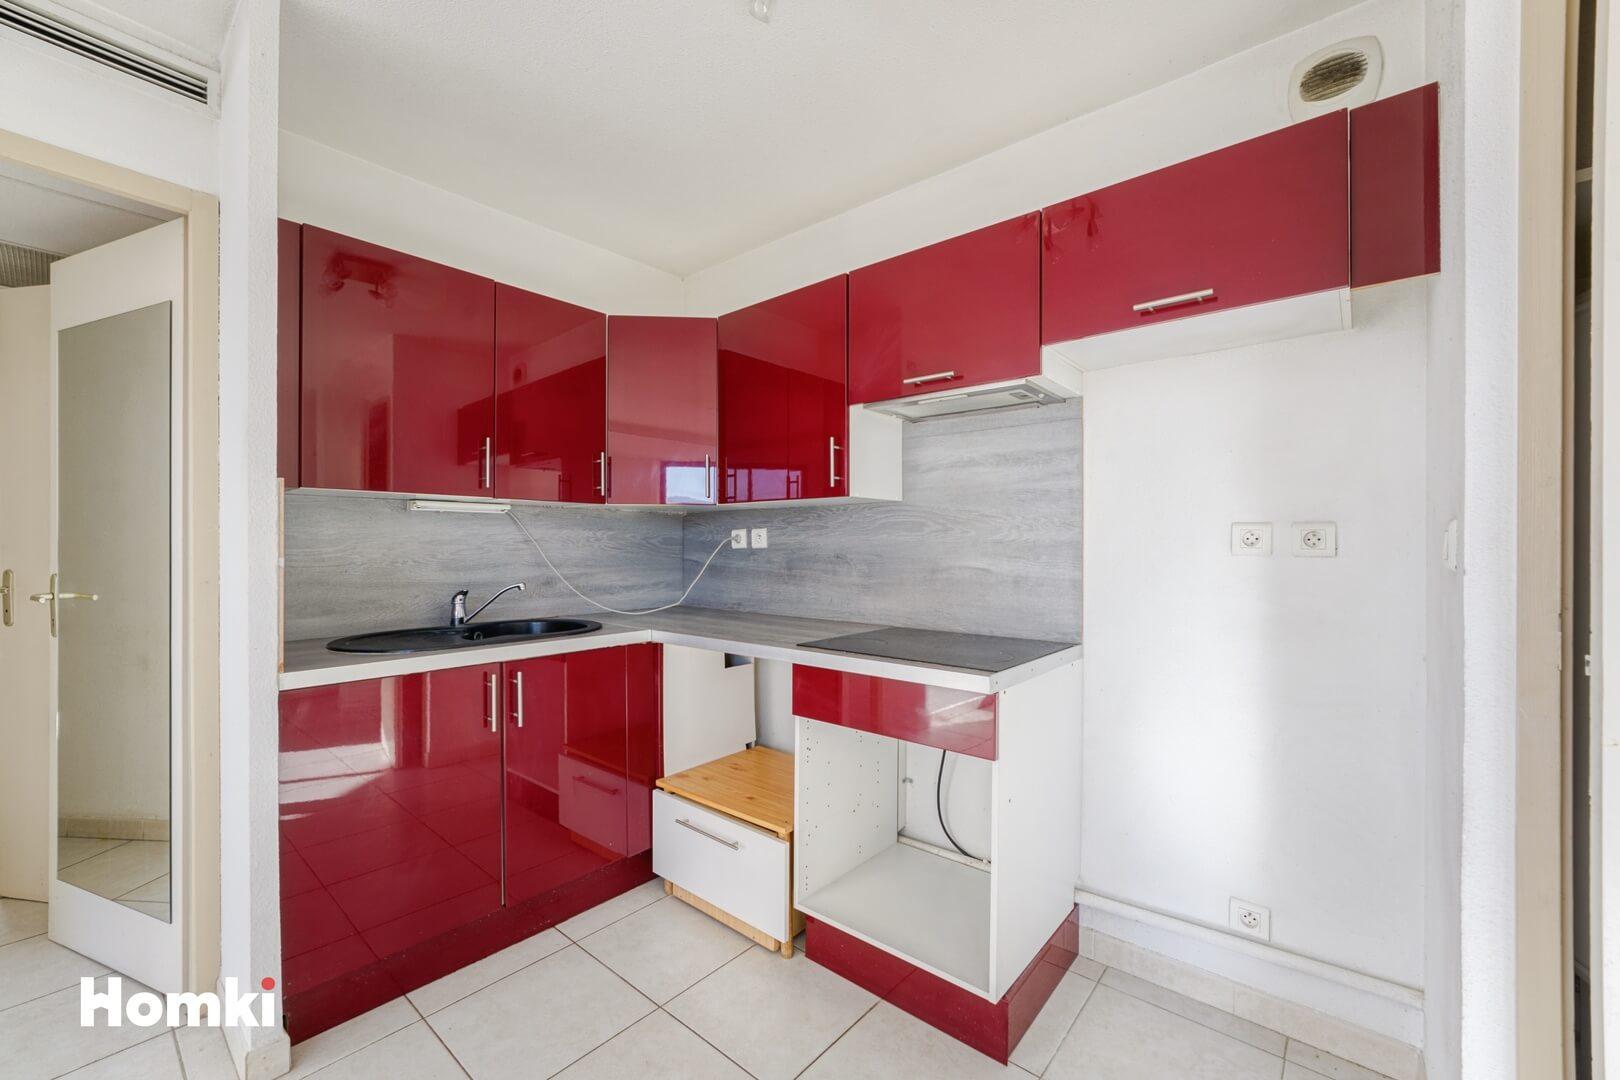 Homki - Vente Appartement  de 56.0 m² à Aubagne 13400